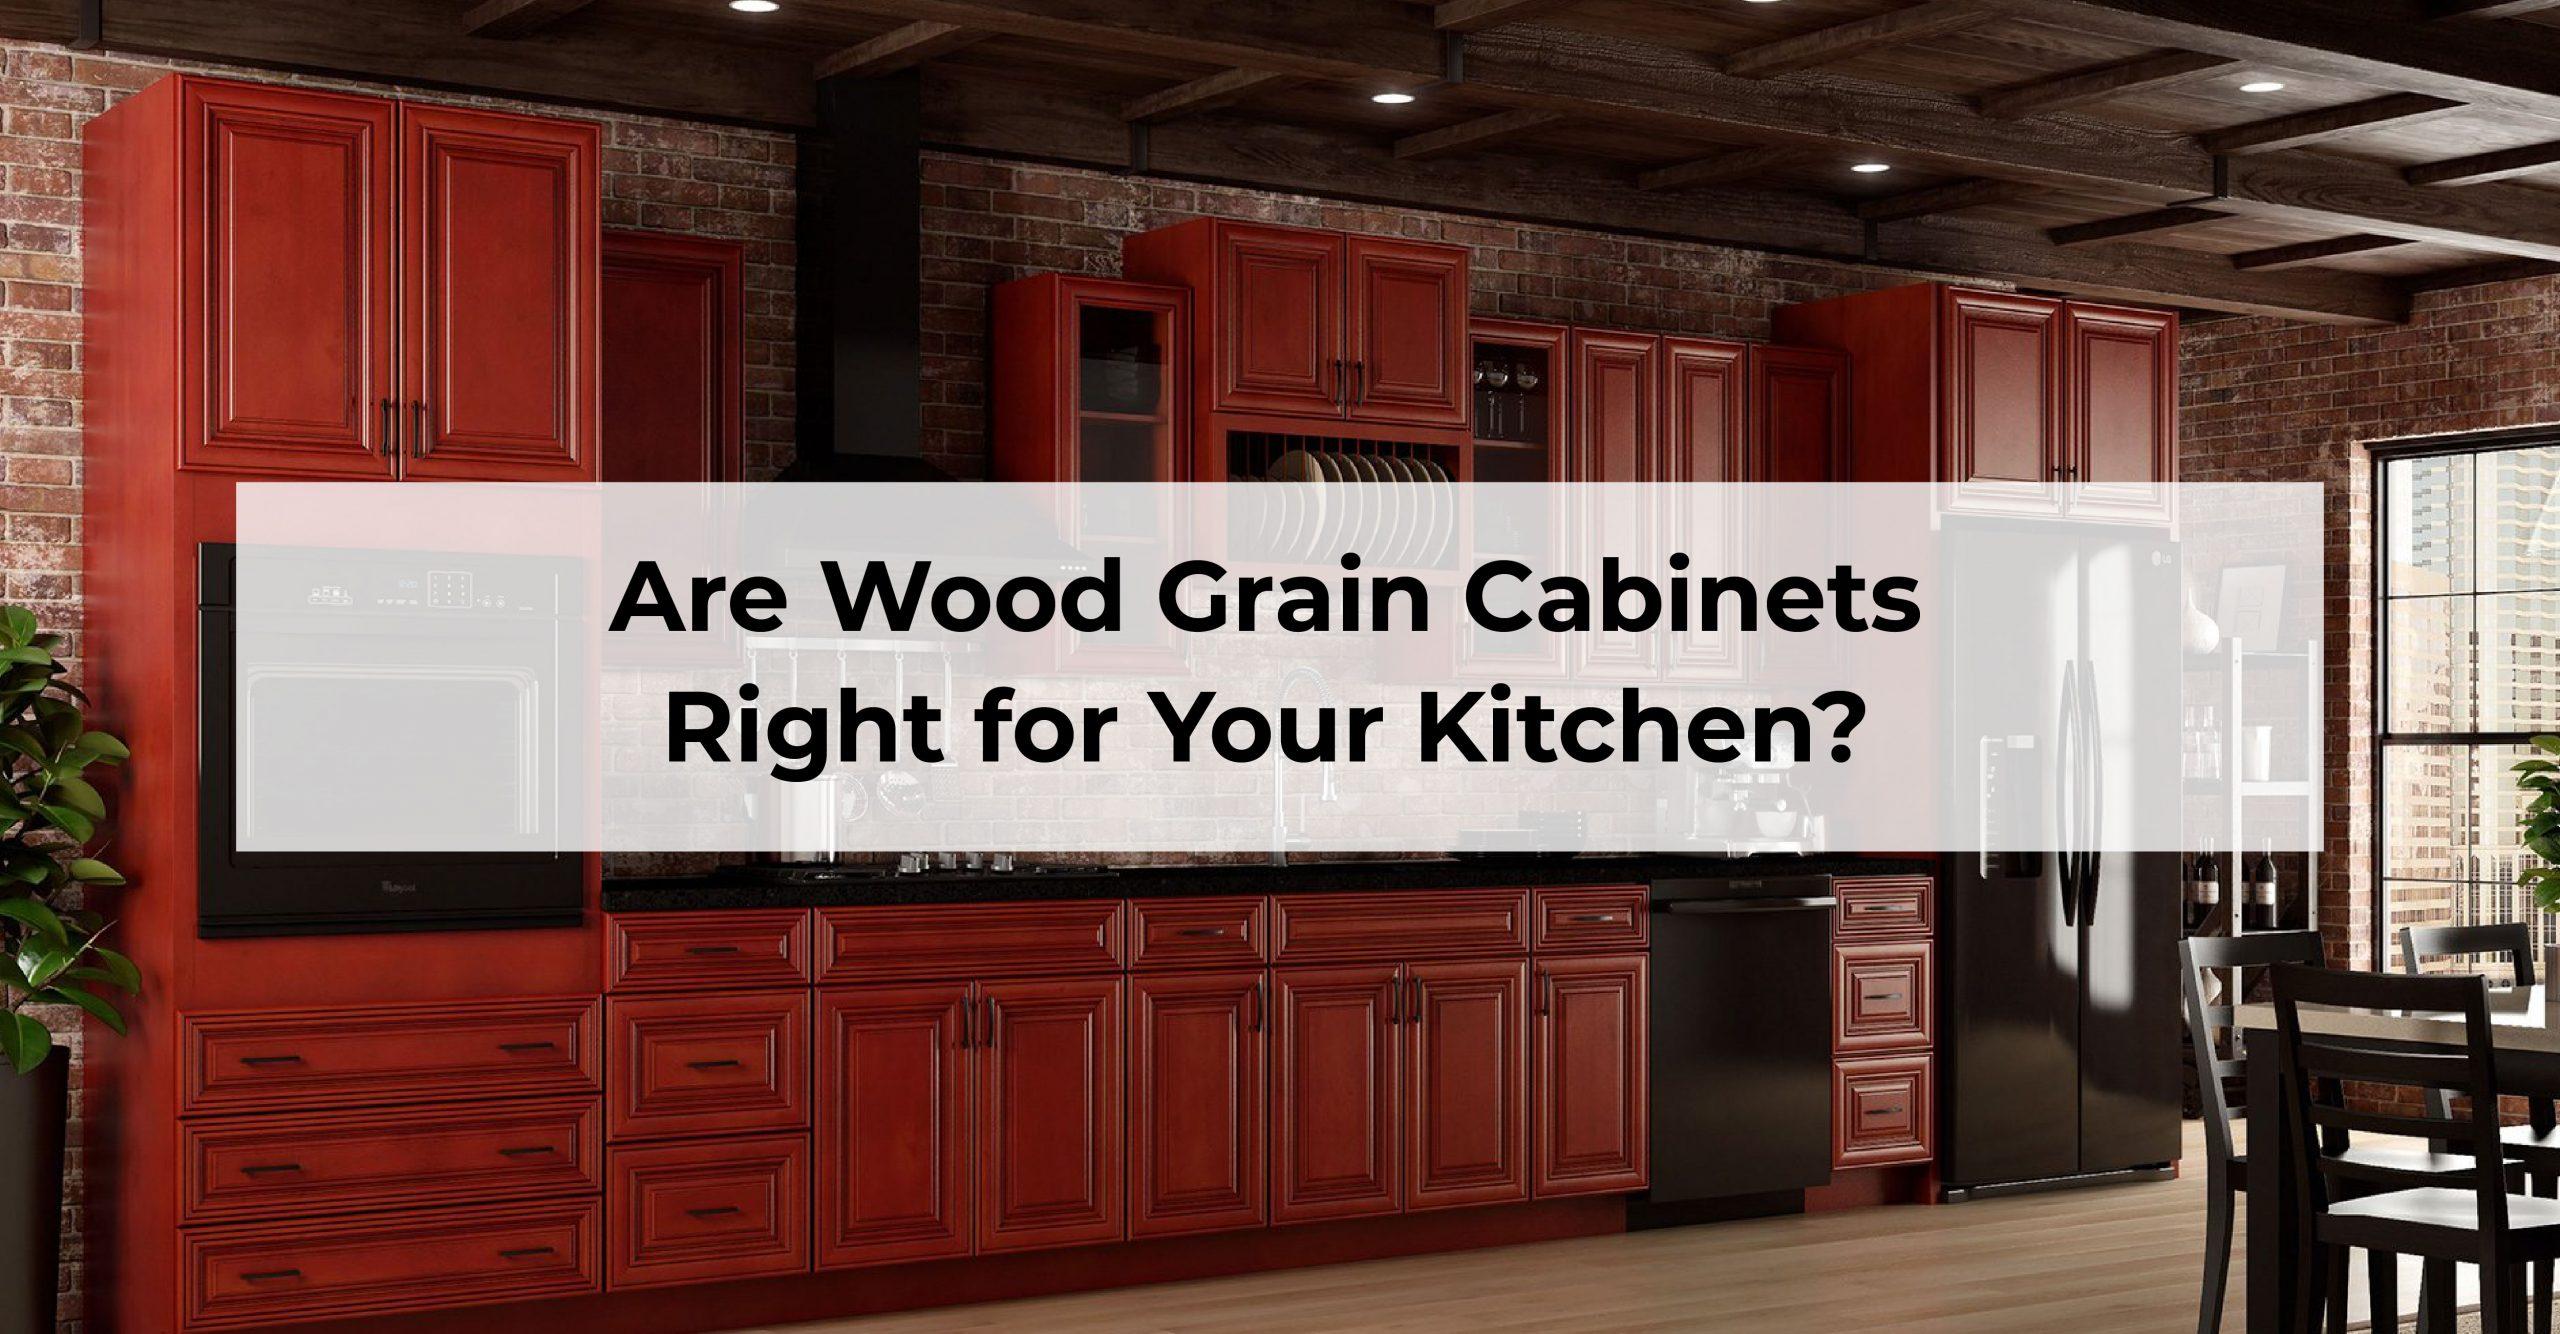 Wood-grain-kitchen-cabinets